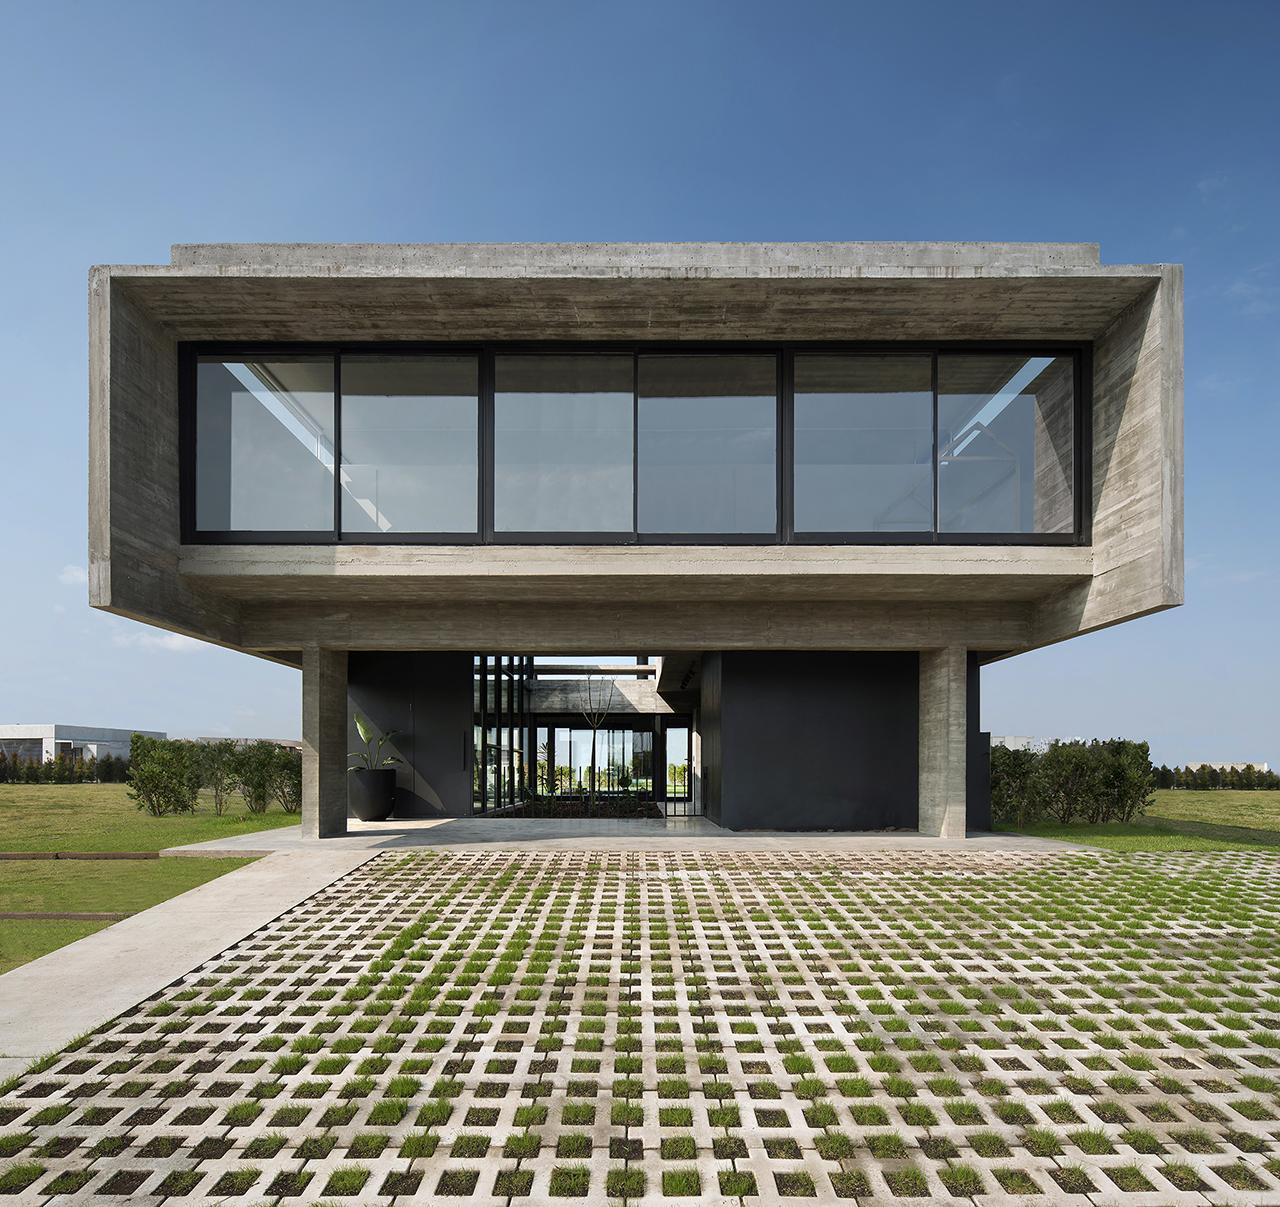 Casa Castaños: A Sleek Concrete Home with Airy Details